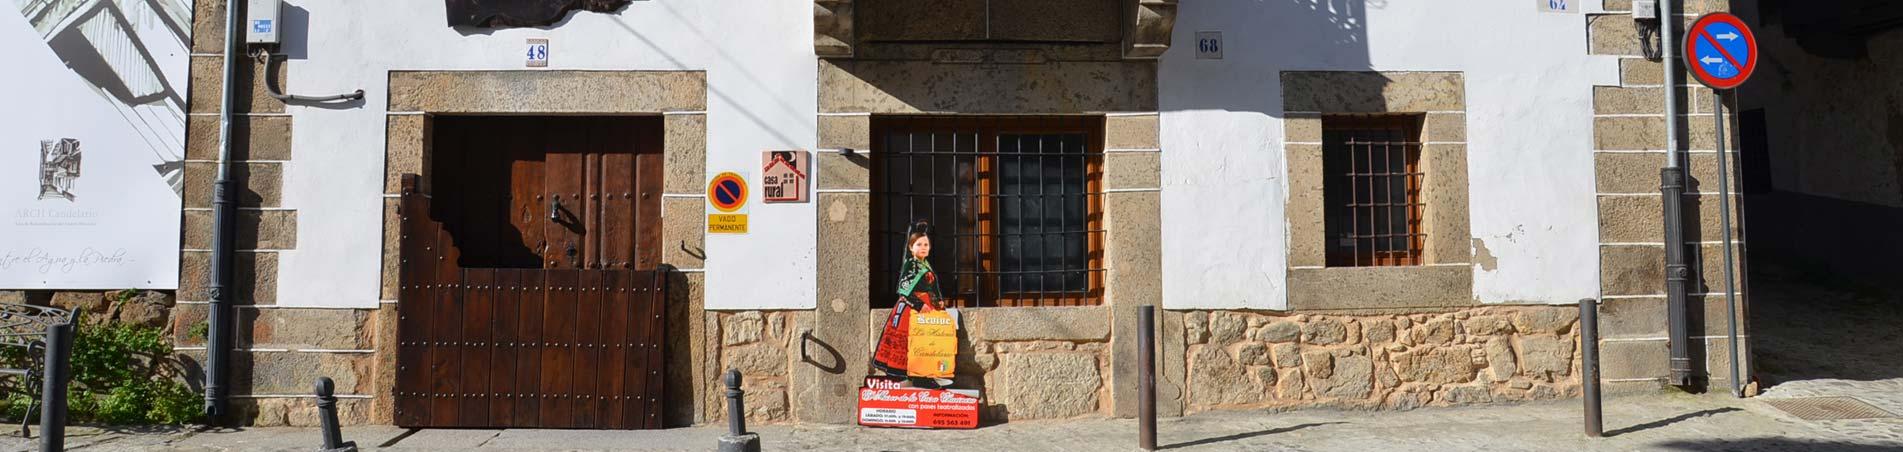 Exterior Casa Rural Chacinera, Candelario